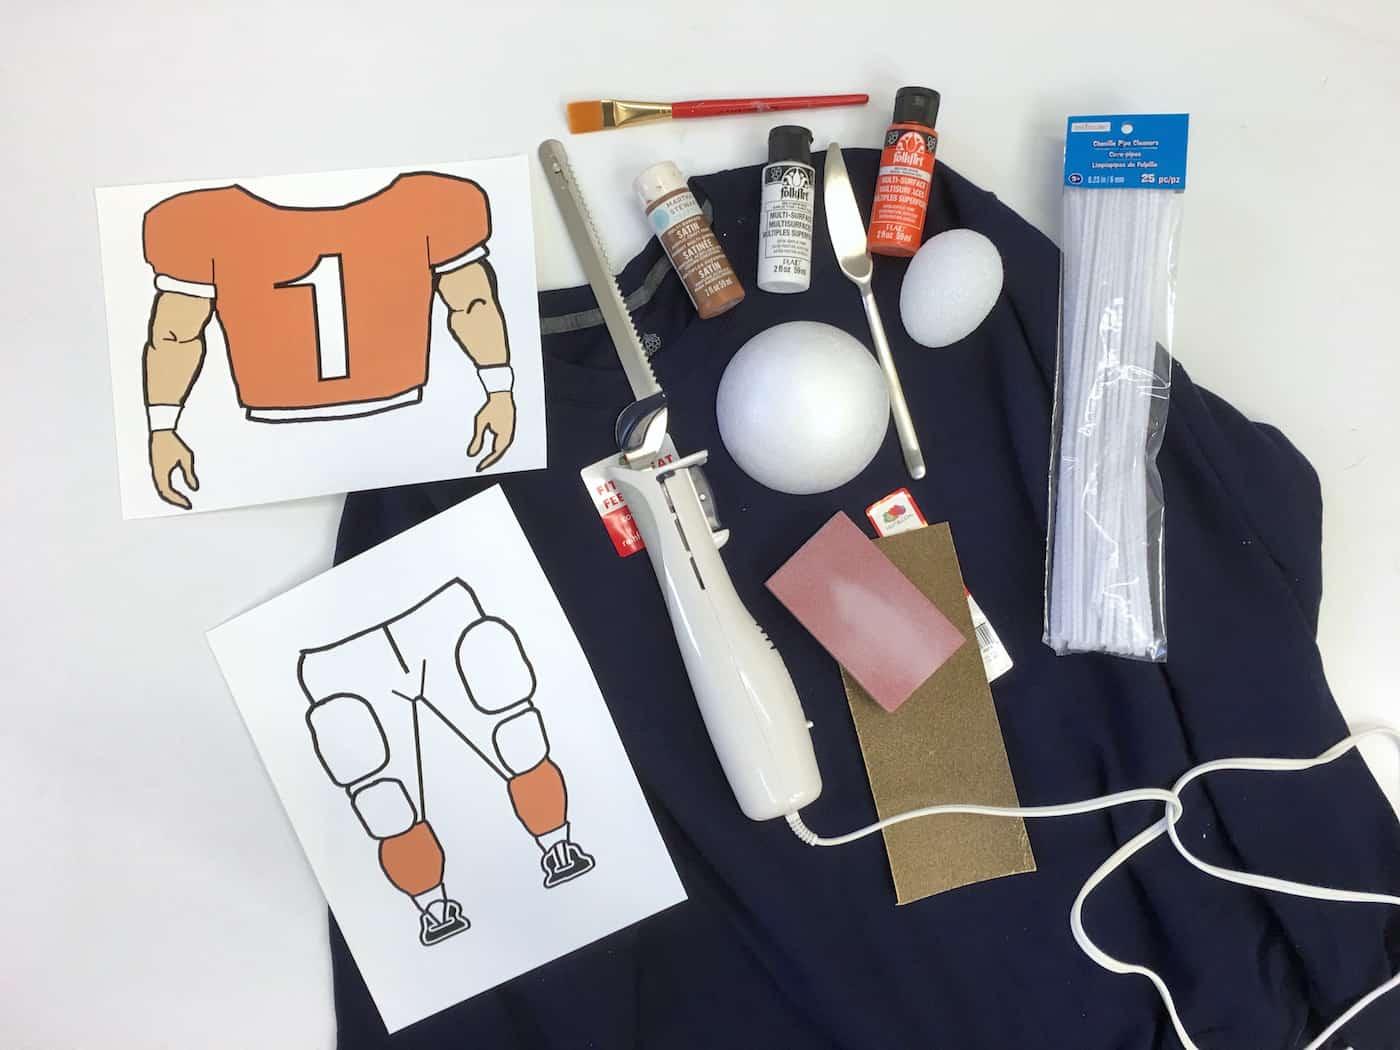 Football head materials